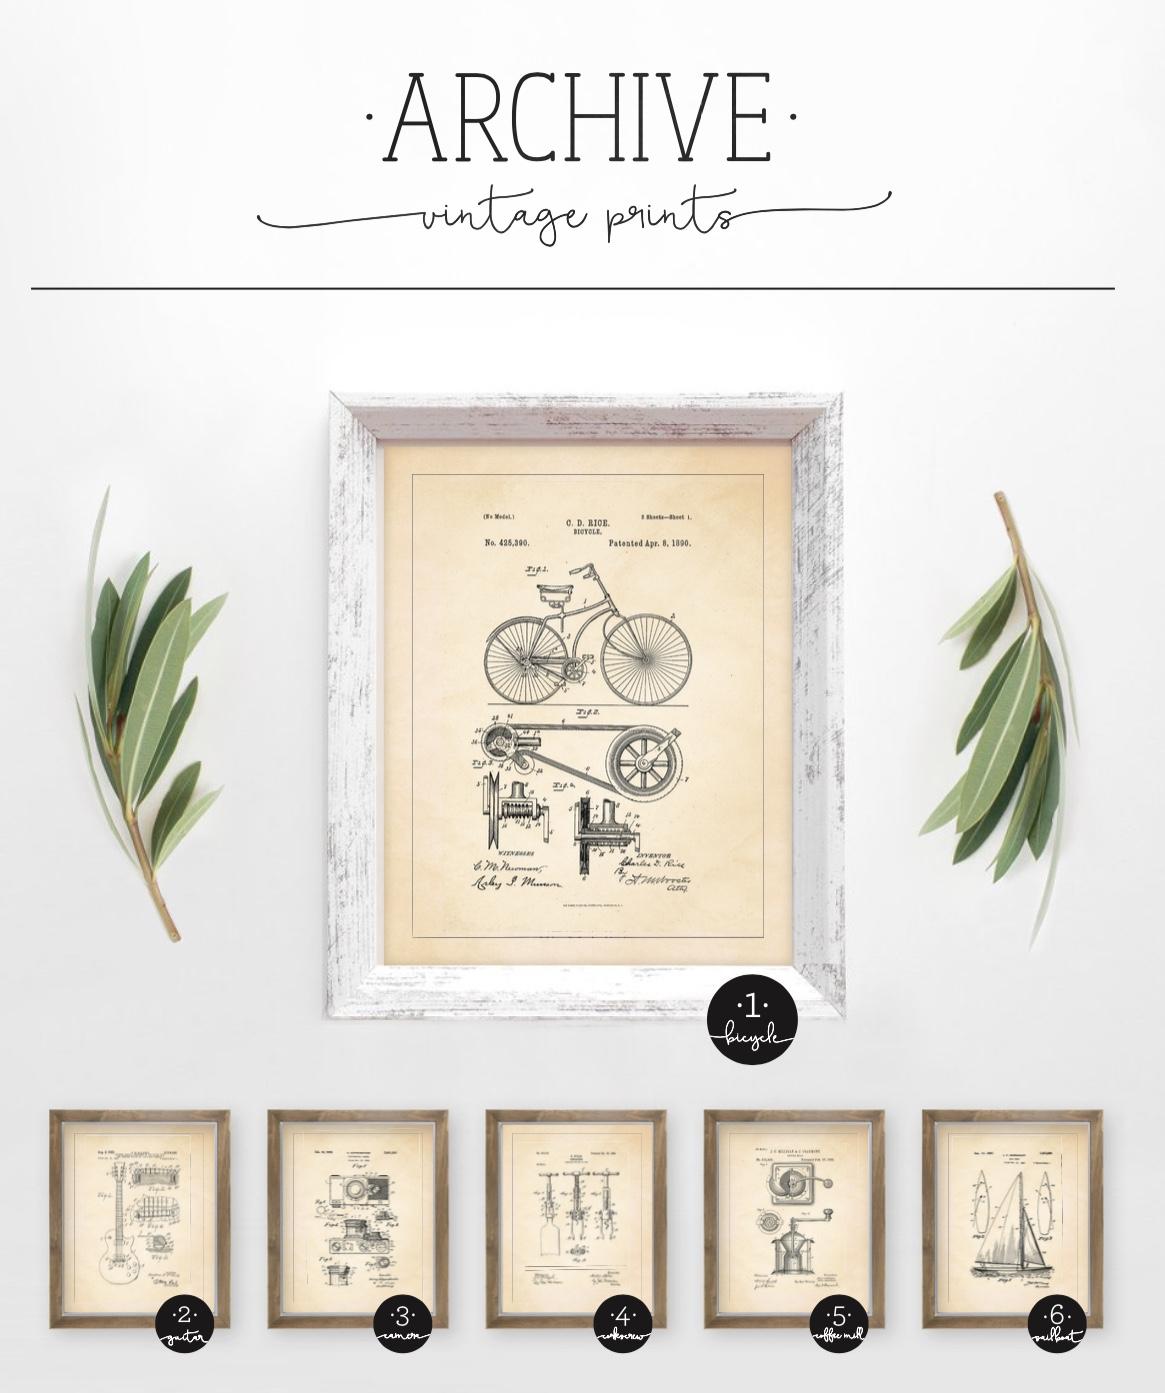 Archive Vintage Prints